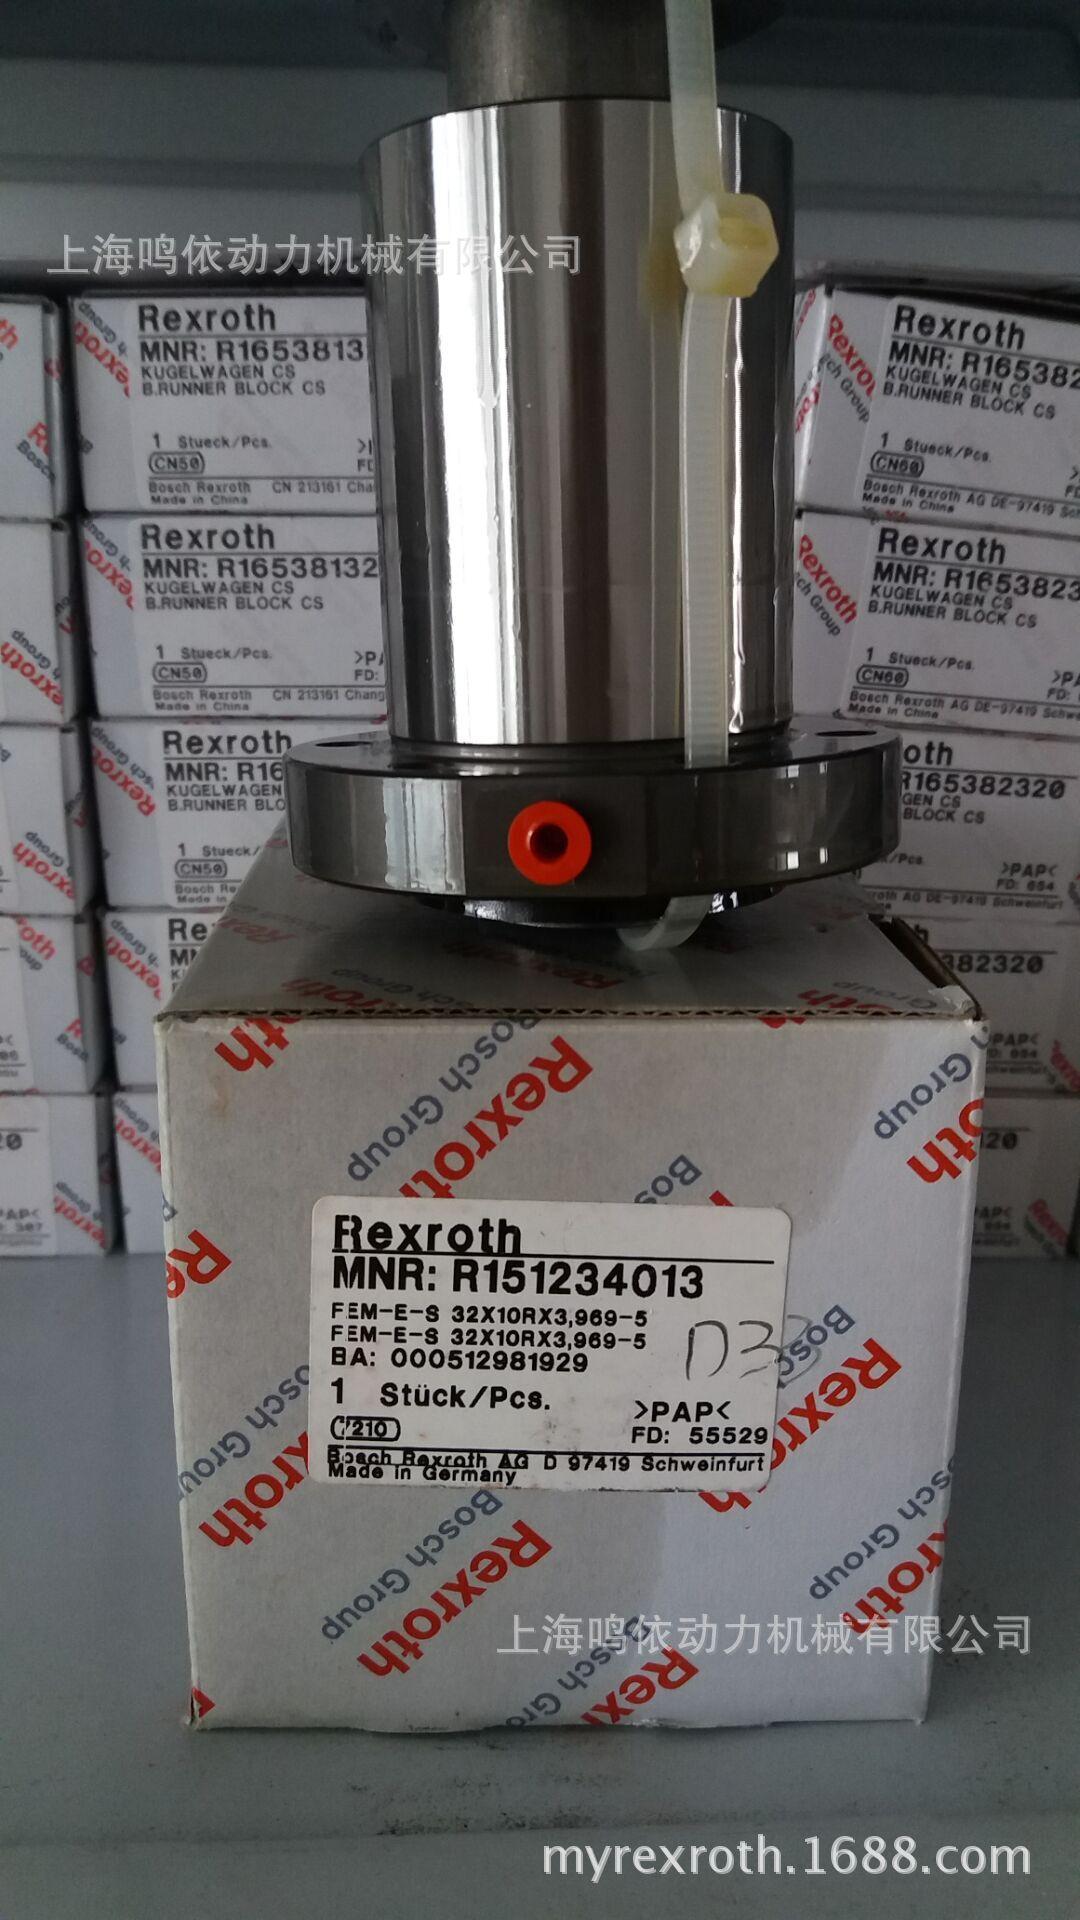 德国力士乐螺母/R150247085/R150347085精密机床专用配件